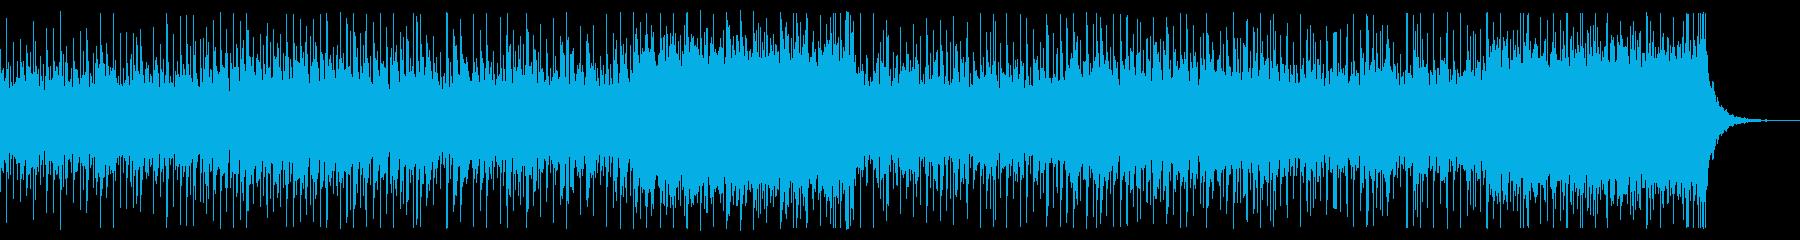 ニュース番組の解説BGM 無機質の再生済みの波形